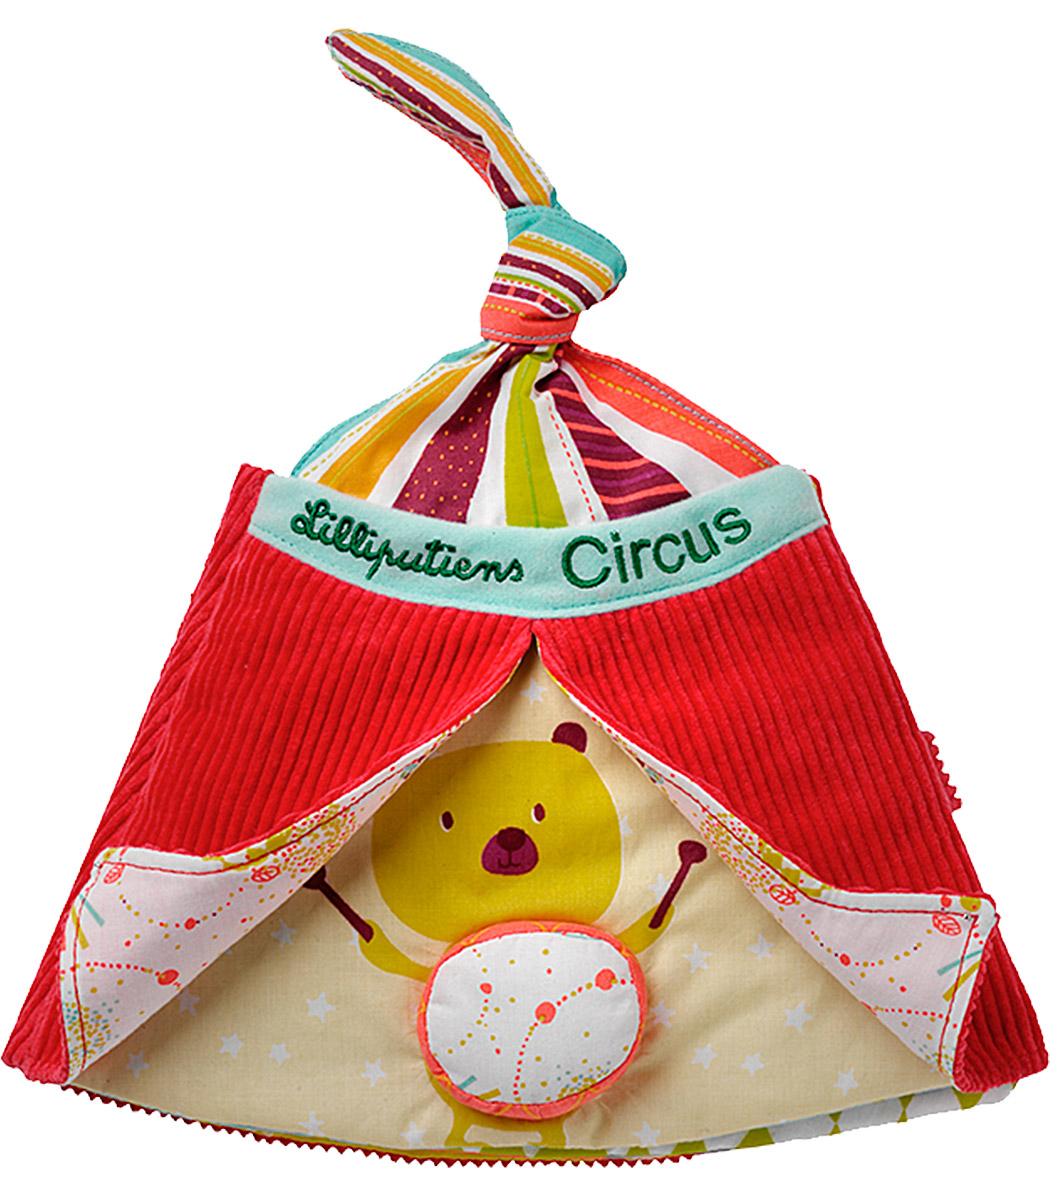 Lilliputiens Книжка-игрушка Цирк Шапито86544Книжка-игрушка Lilliputiens Цирк Шапито предназначена для детишек от 9 месяцев. Ее можно исследовать снова и снова. На страницах книжки малыш встретит персонажей цирка Шапито - животных-трюкачей, силачей, фокусников, гимнастов, иллюзионистов. Здесь и щенок с гимнастическим обручем, и волчонок- жонглер, и слоник с компанией друзей, выстраивающих пирамидку. Объемные вышитые фигурки можно трогать и изучать, погружаясь в волшебный и удивительный мир цирка. Ребенок может изучать книжку самостоятельно или с родителями. Про каждого персонажа малышу можно рассказать историю и игра станет еще увлекательнее. Игрушка выполнена из безопасных гипоаллергенных материалов. Яркие цвета и разная текстура элементов надолго привлекут внимание малютки. Книжка-игрушка Lilliputiens Цирк Шапито развивает мелкую моторику, координацию движений и цветовое восприятие ребенка.